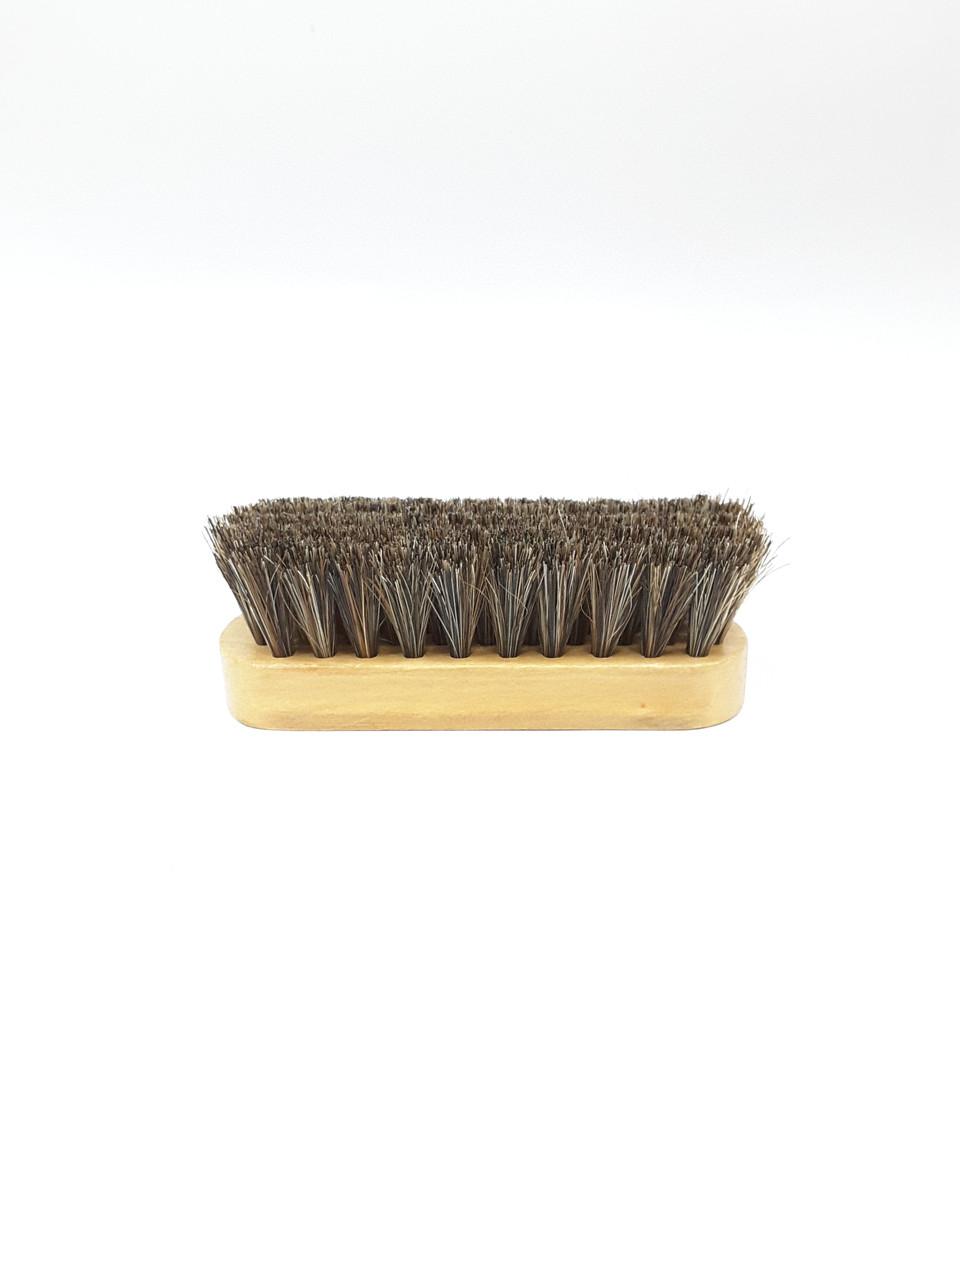 Обувная щетка из конского волоса 12 см